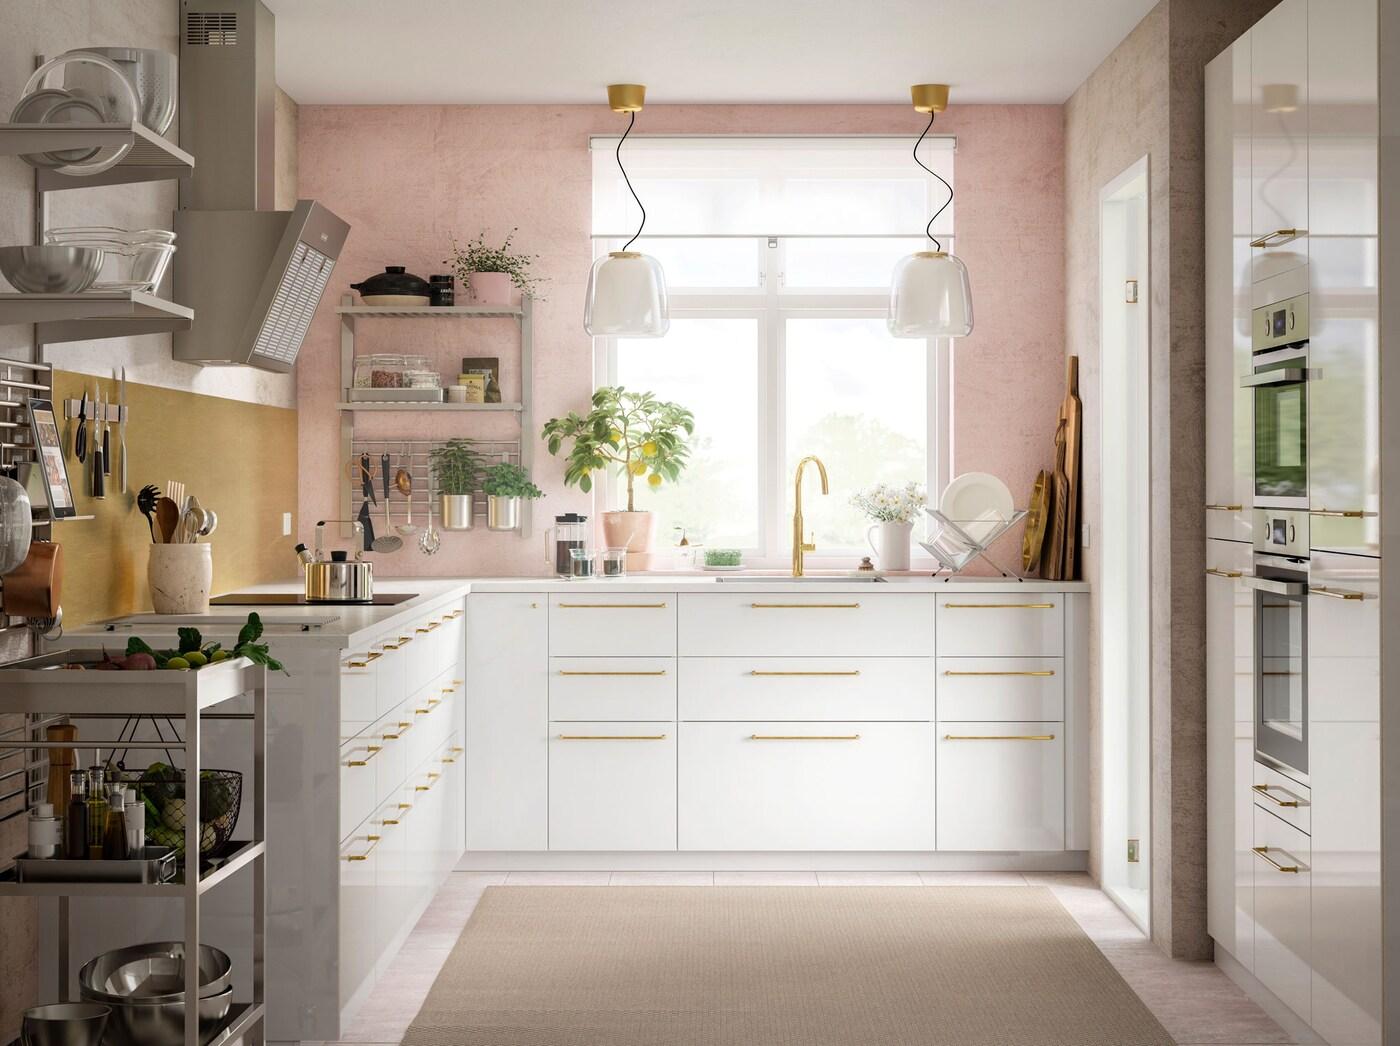 A gama de calhas e prateleiras KUNGSFORS da IKEA oferece uma solução de arrumação aberta para cozinhas com falta de armários.